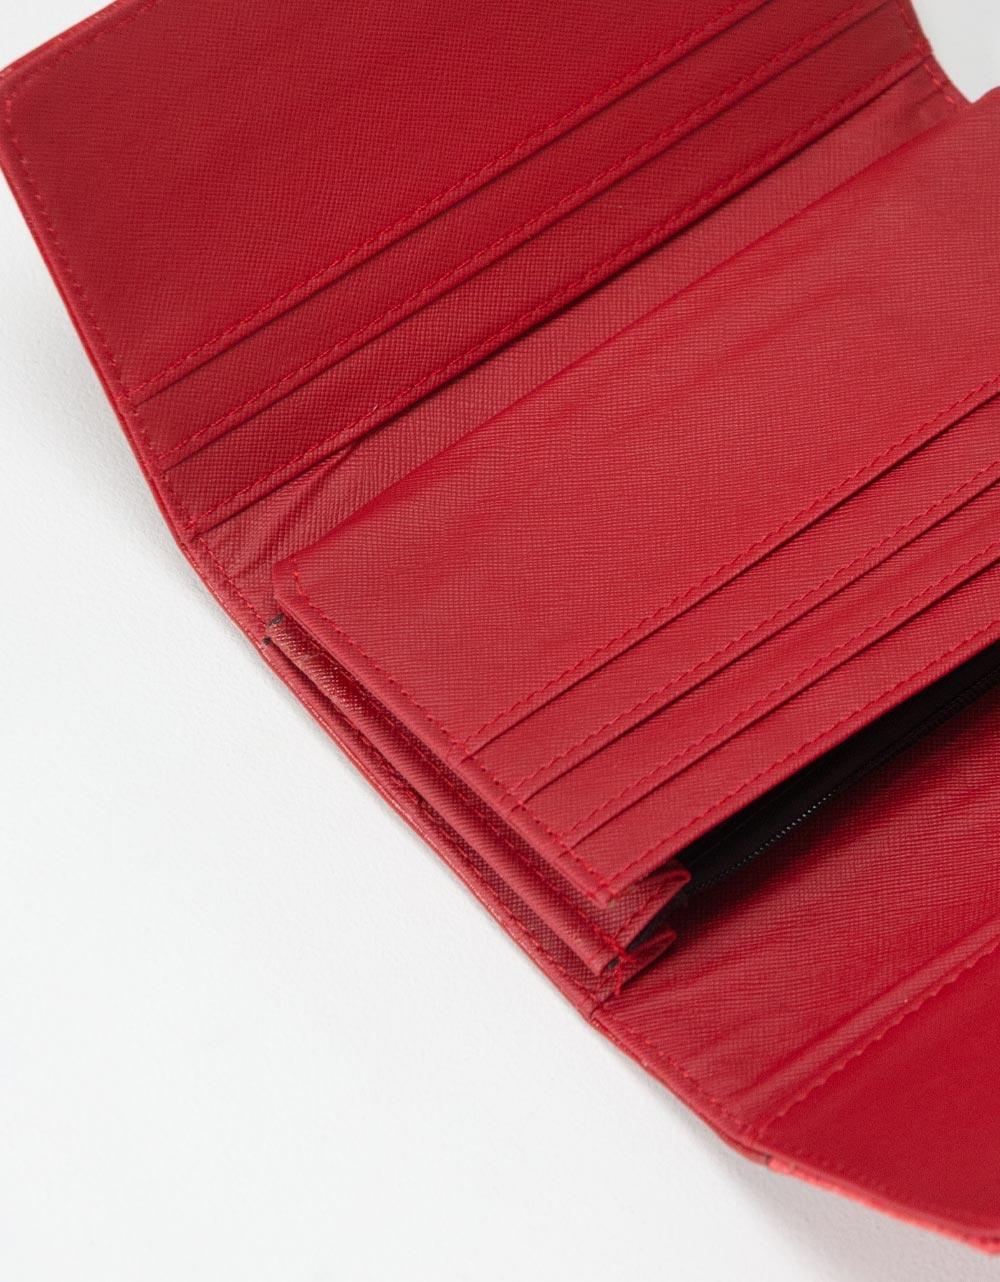 Εικόνα από Γυναικεία πορτοφόλια με ανάγλυφη λεπτομέρεια Κόκκινο